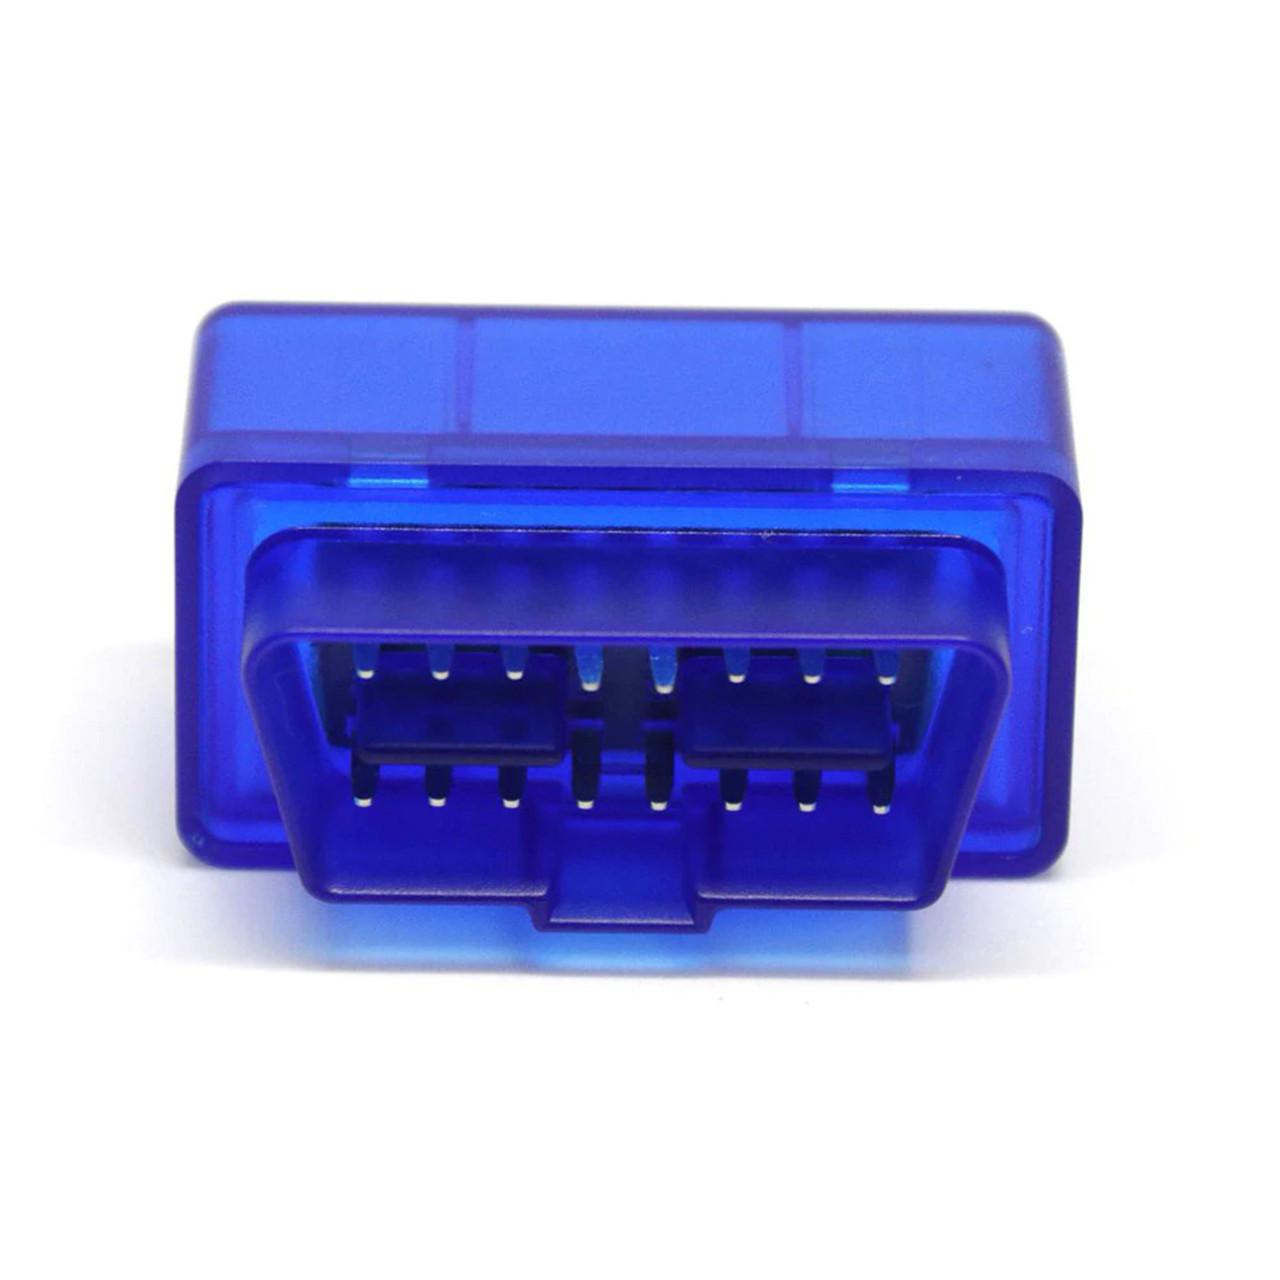 Сканер-адаптер Viecar V01L2-1 OBDII Bluetooth 2.0 (2781-8580a0